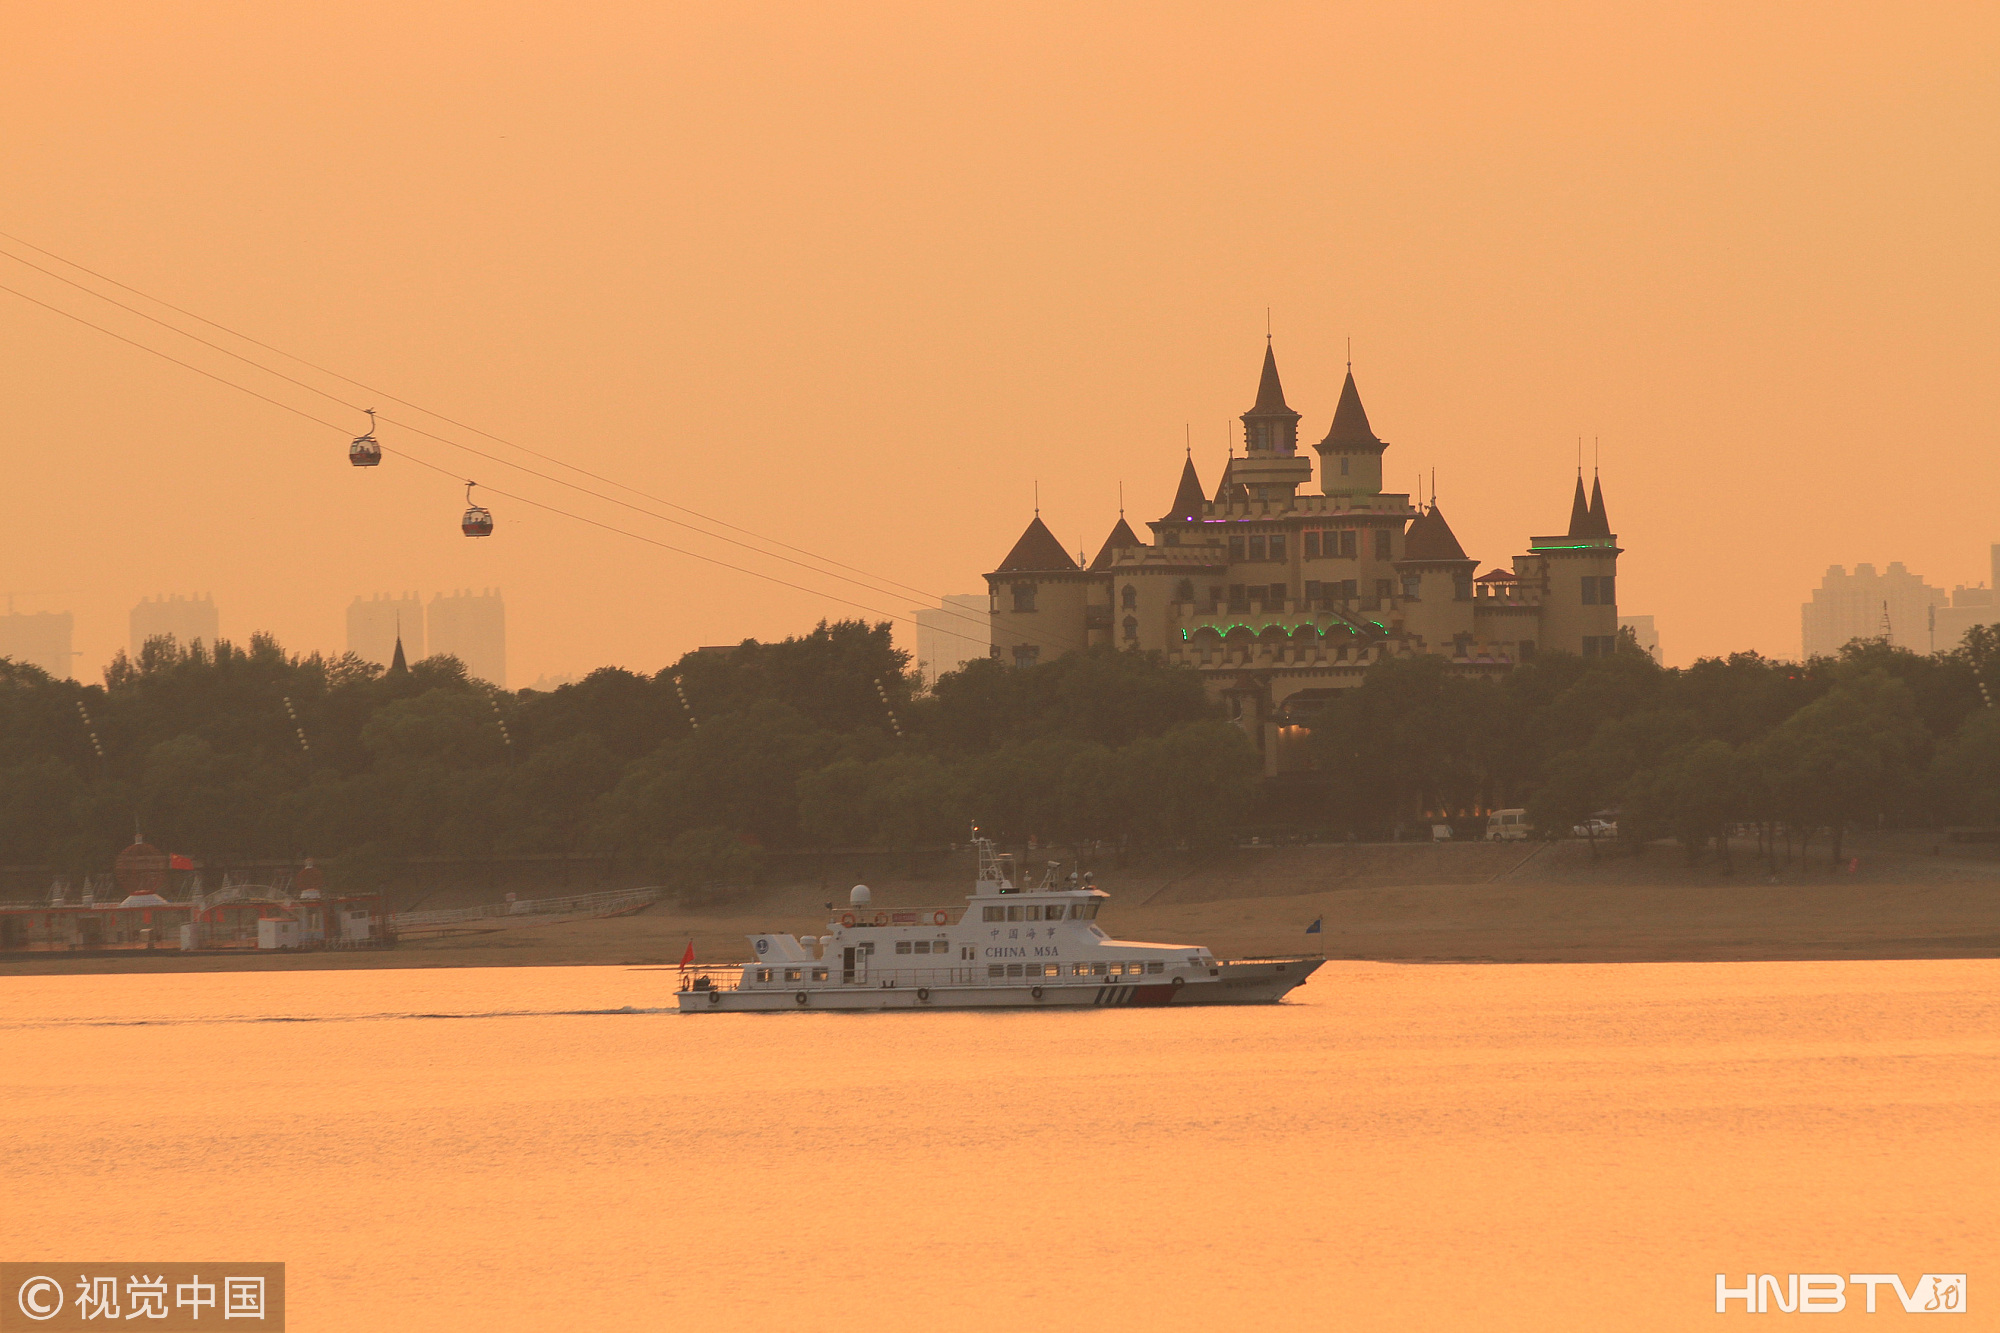 哈尔滨夕阳下的松花江 画面如镀金美丽如画(组图)